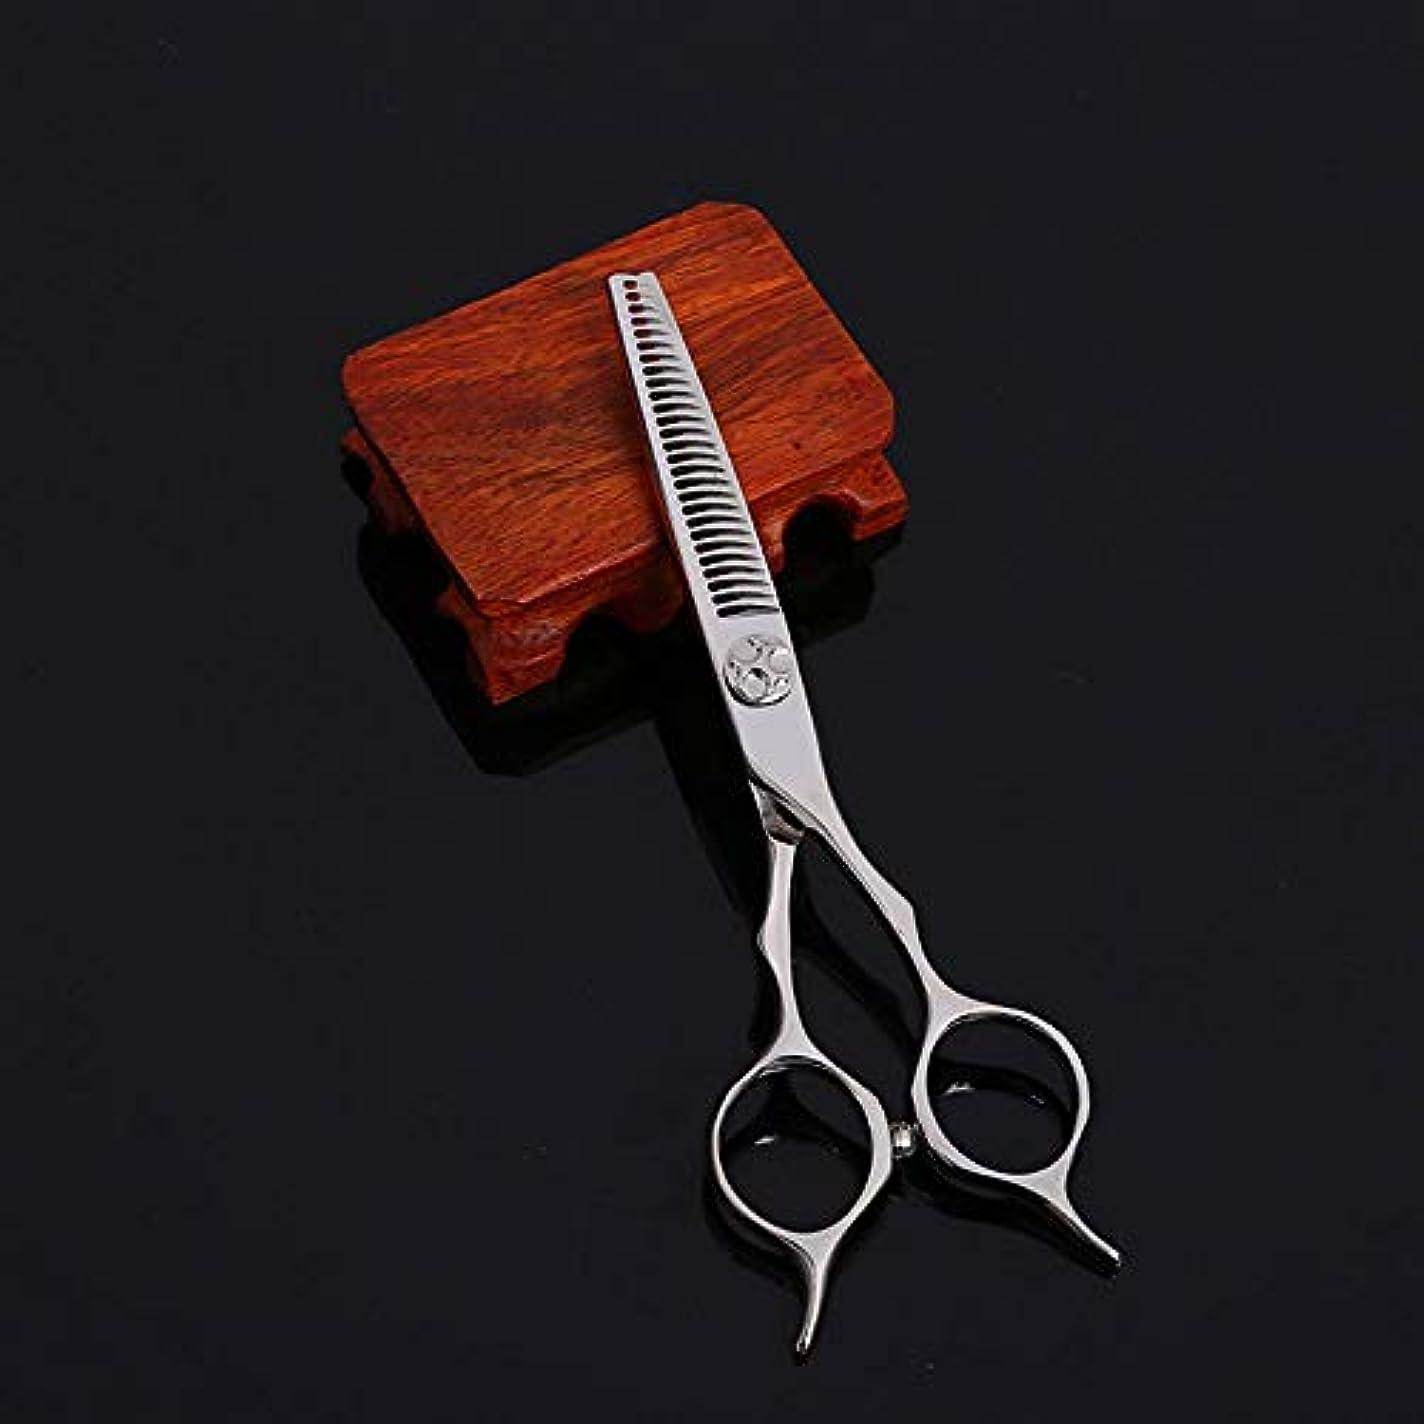 ファシズムマーキー慰めWASAIO シアーズはさみセットヘアカット5.5インチカービング美容専門ステンレス鋼理容美容サロンテクスチャーレイザーエッジシザー髪 (色 : Silver)